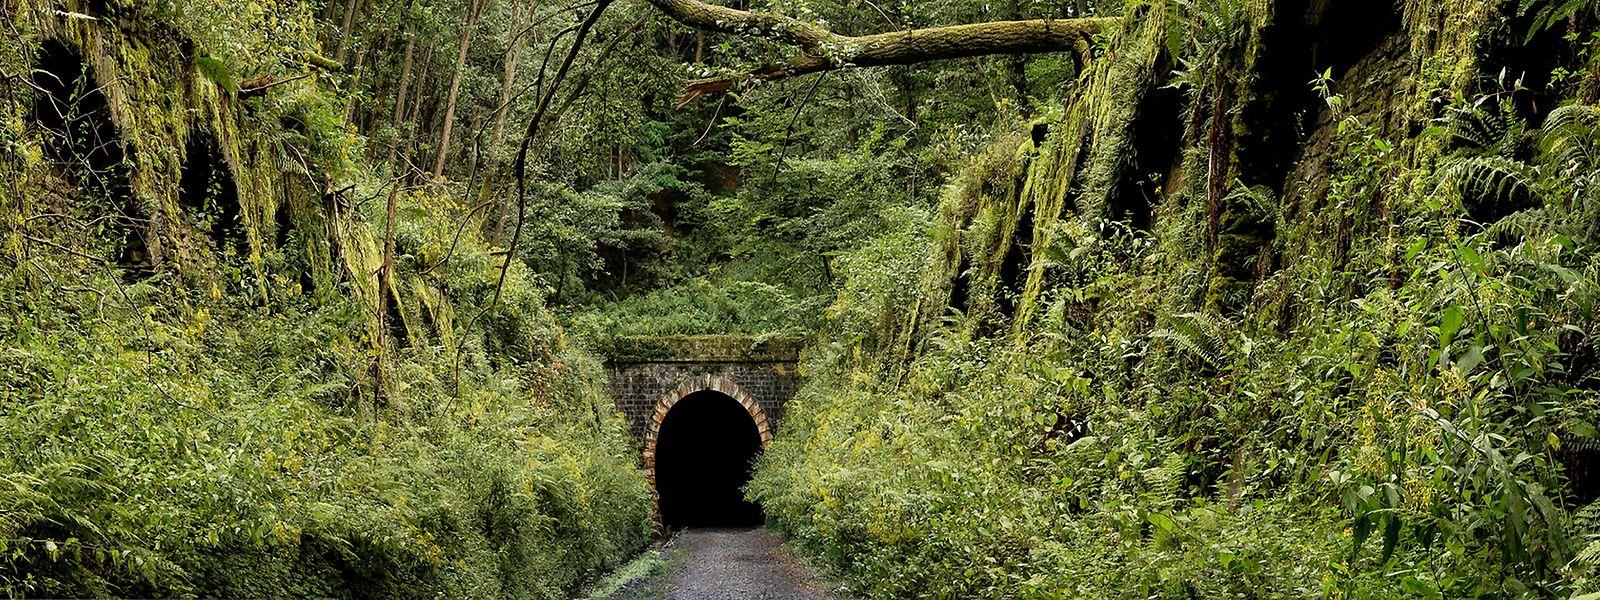 L'intérieur du tunnel offre aux chauves-souris des conditions de vie idéales. Mais nul visiteur humain n'y est autorisé.